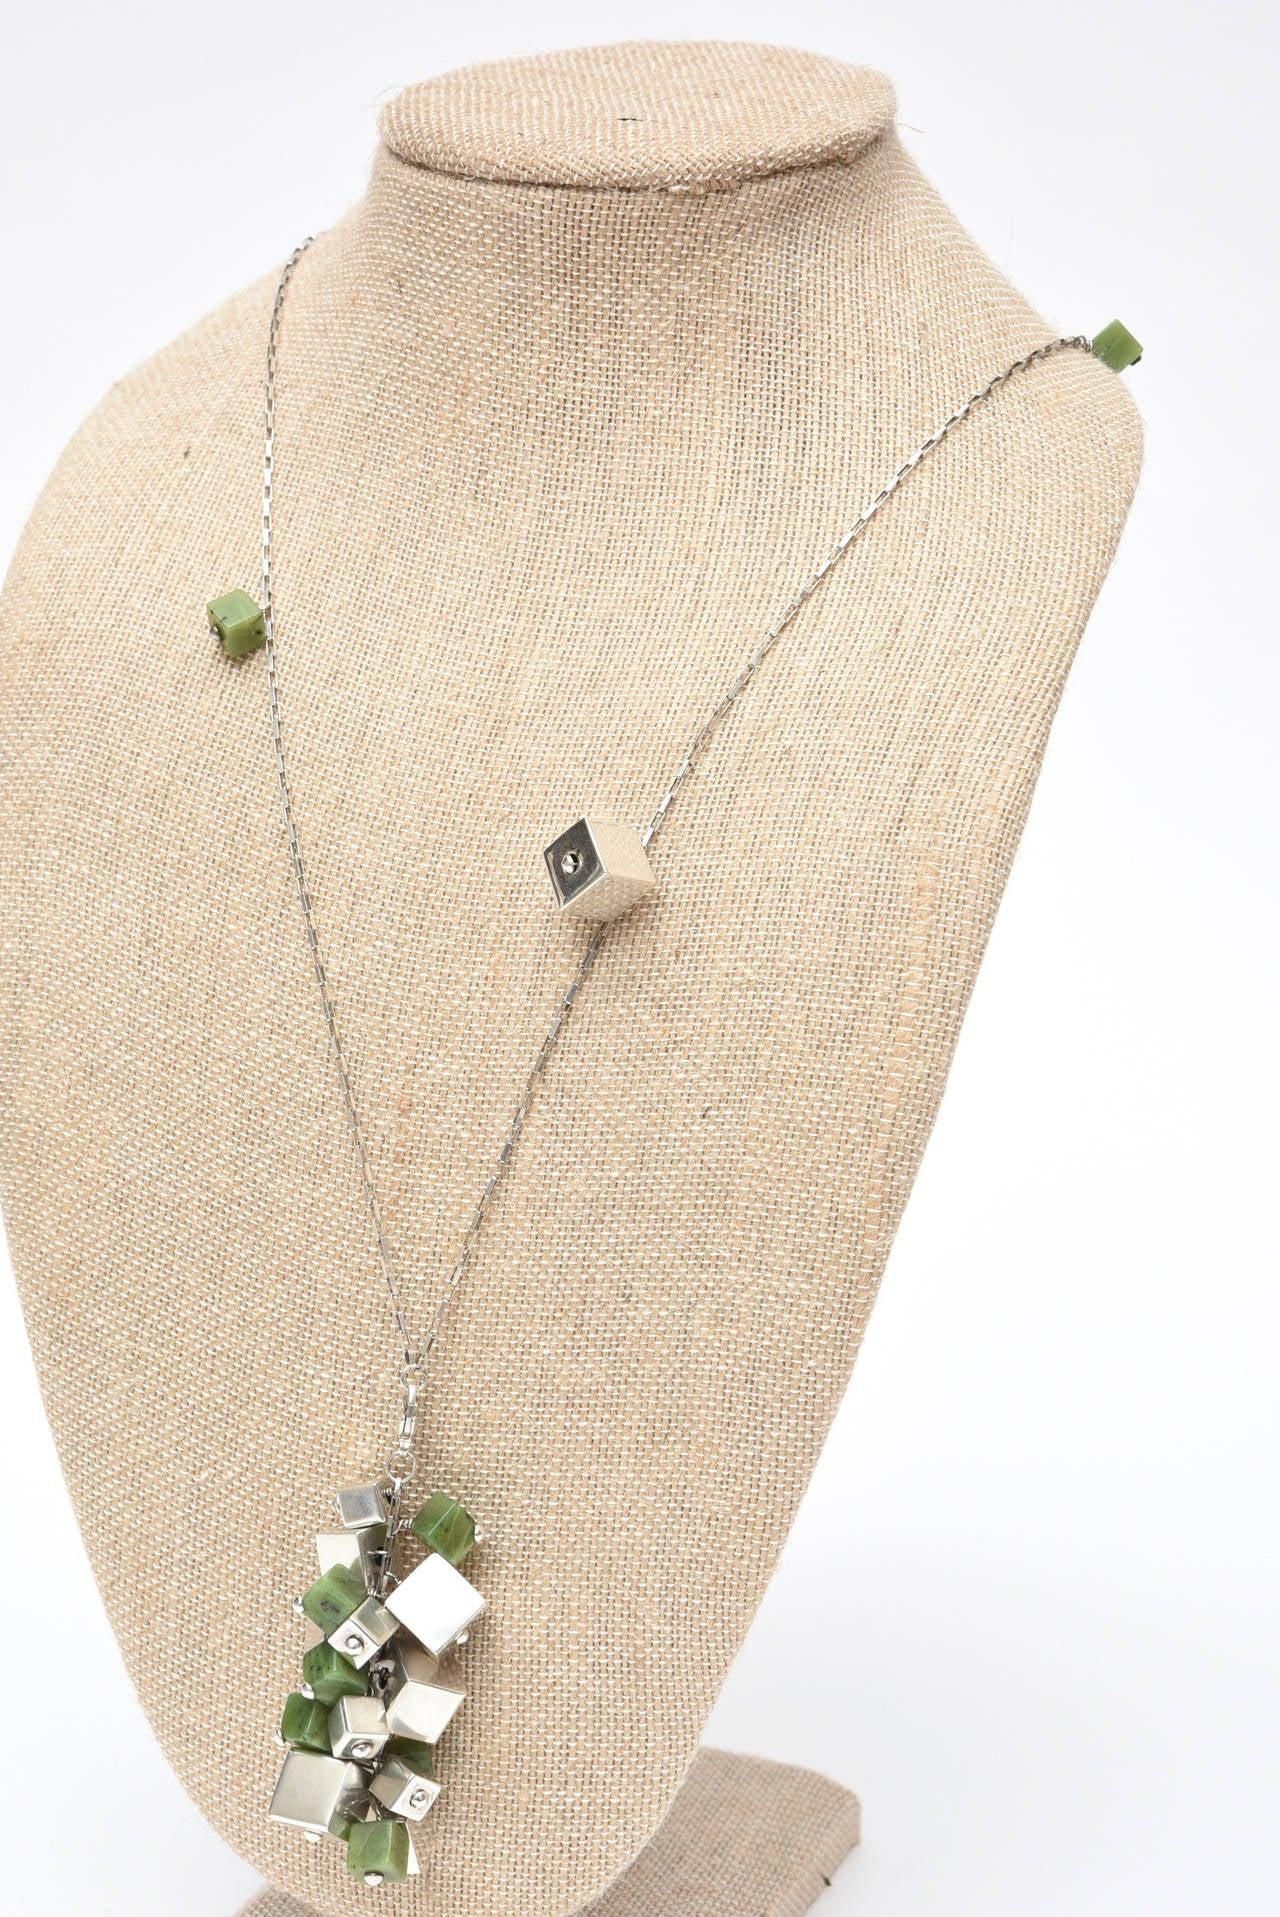 Jade & Sterling Silver Dangle Sculptural  Cluster Necklace Signed For Sale 2